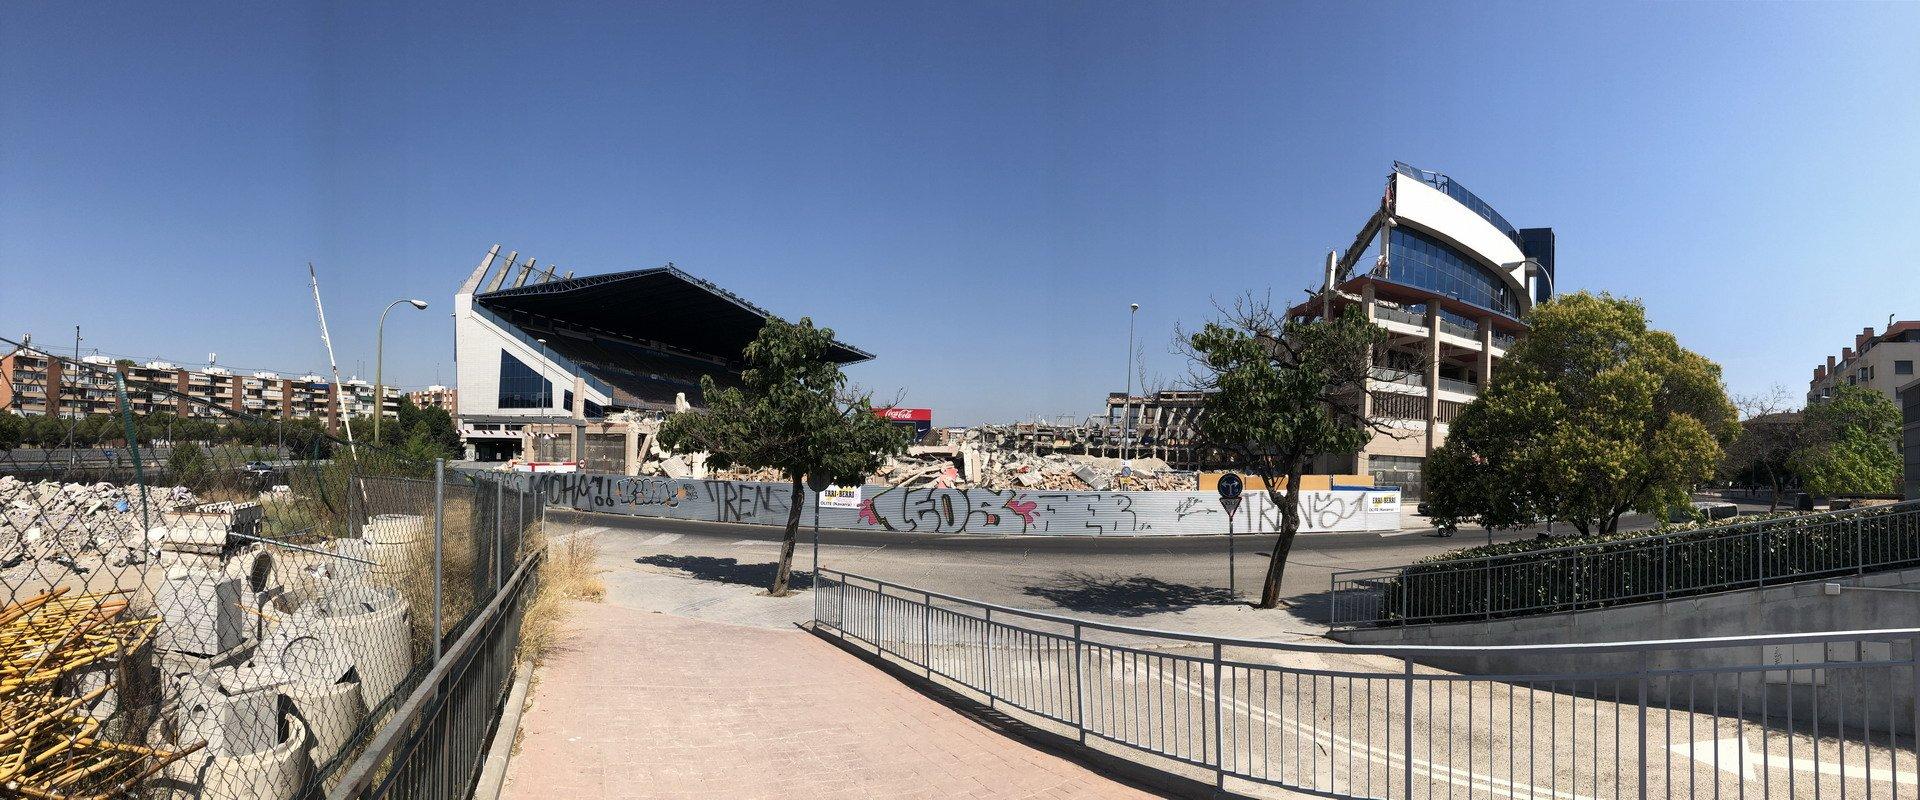 Obras de demolición Estadio Vicente Calderón